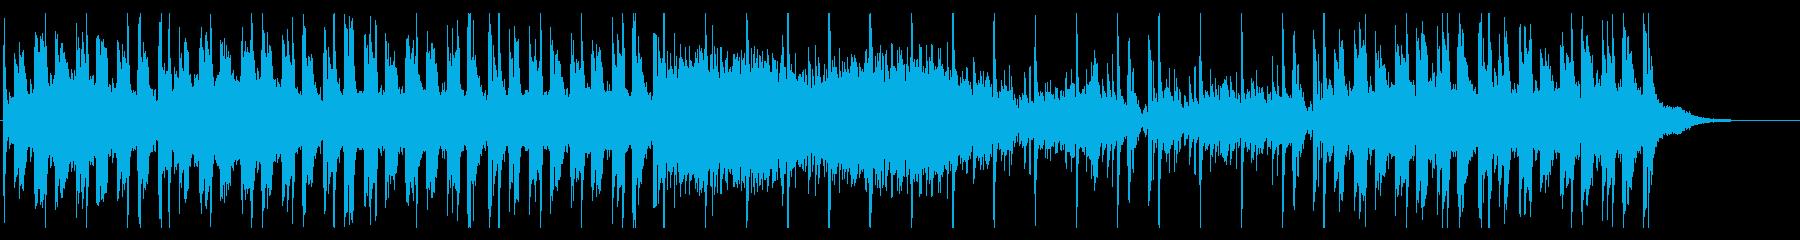 ゲームミュージック25/ミステリアスの再生済みの波形